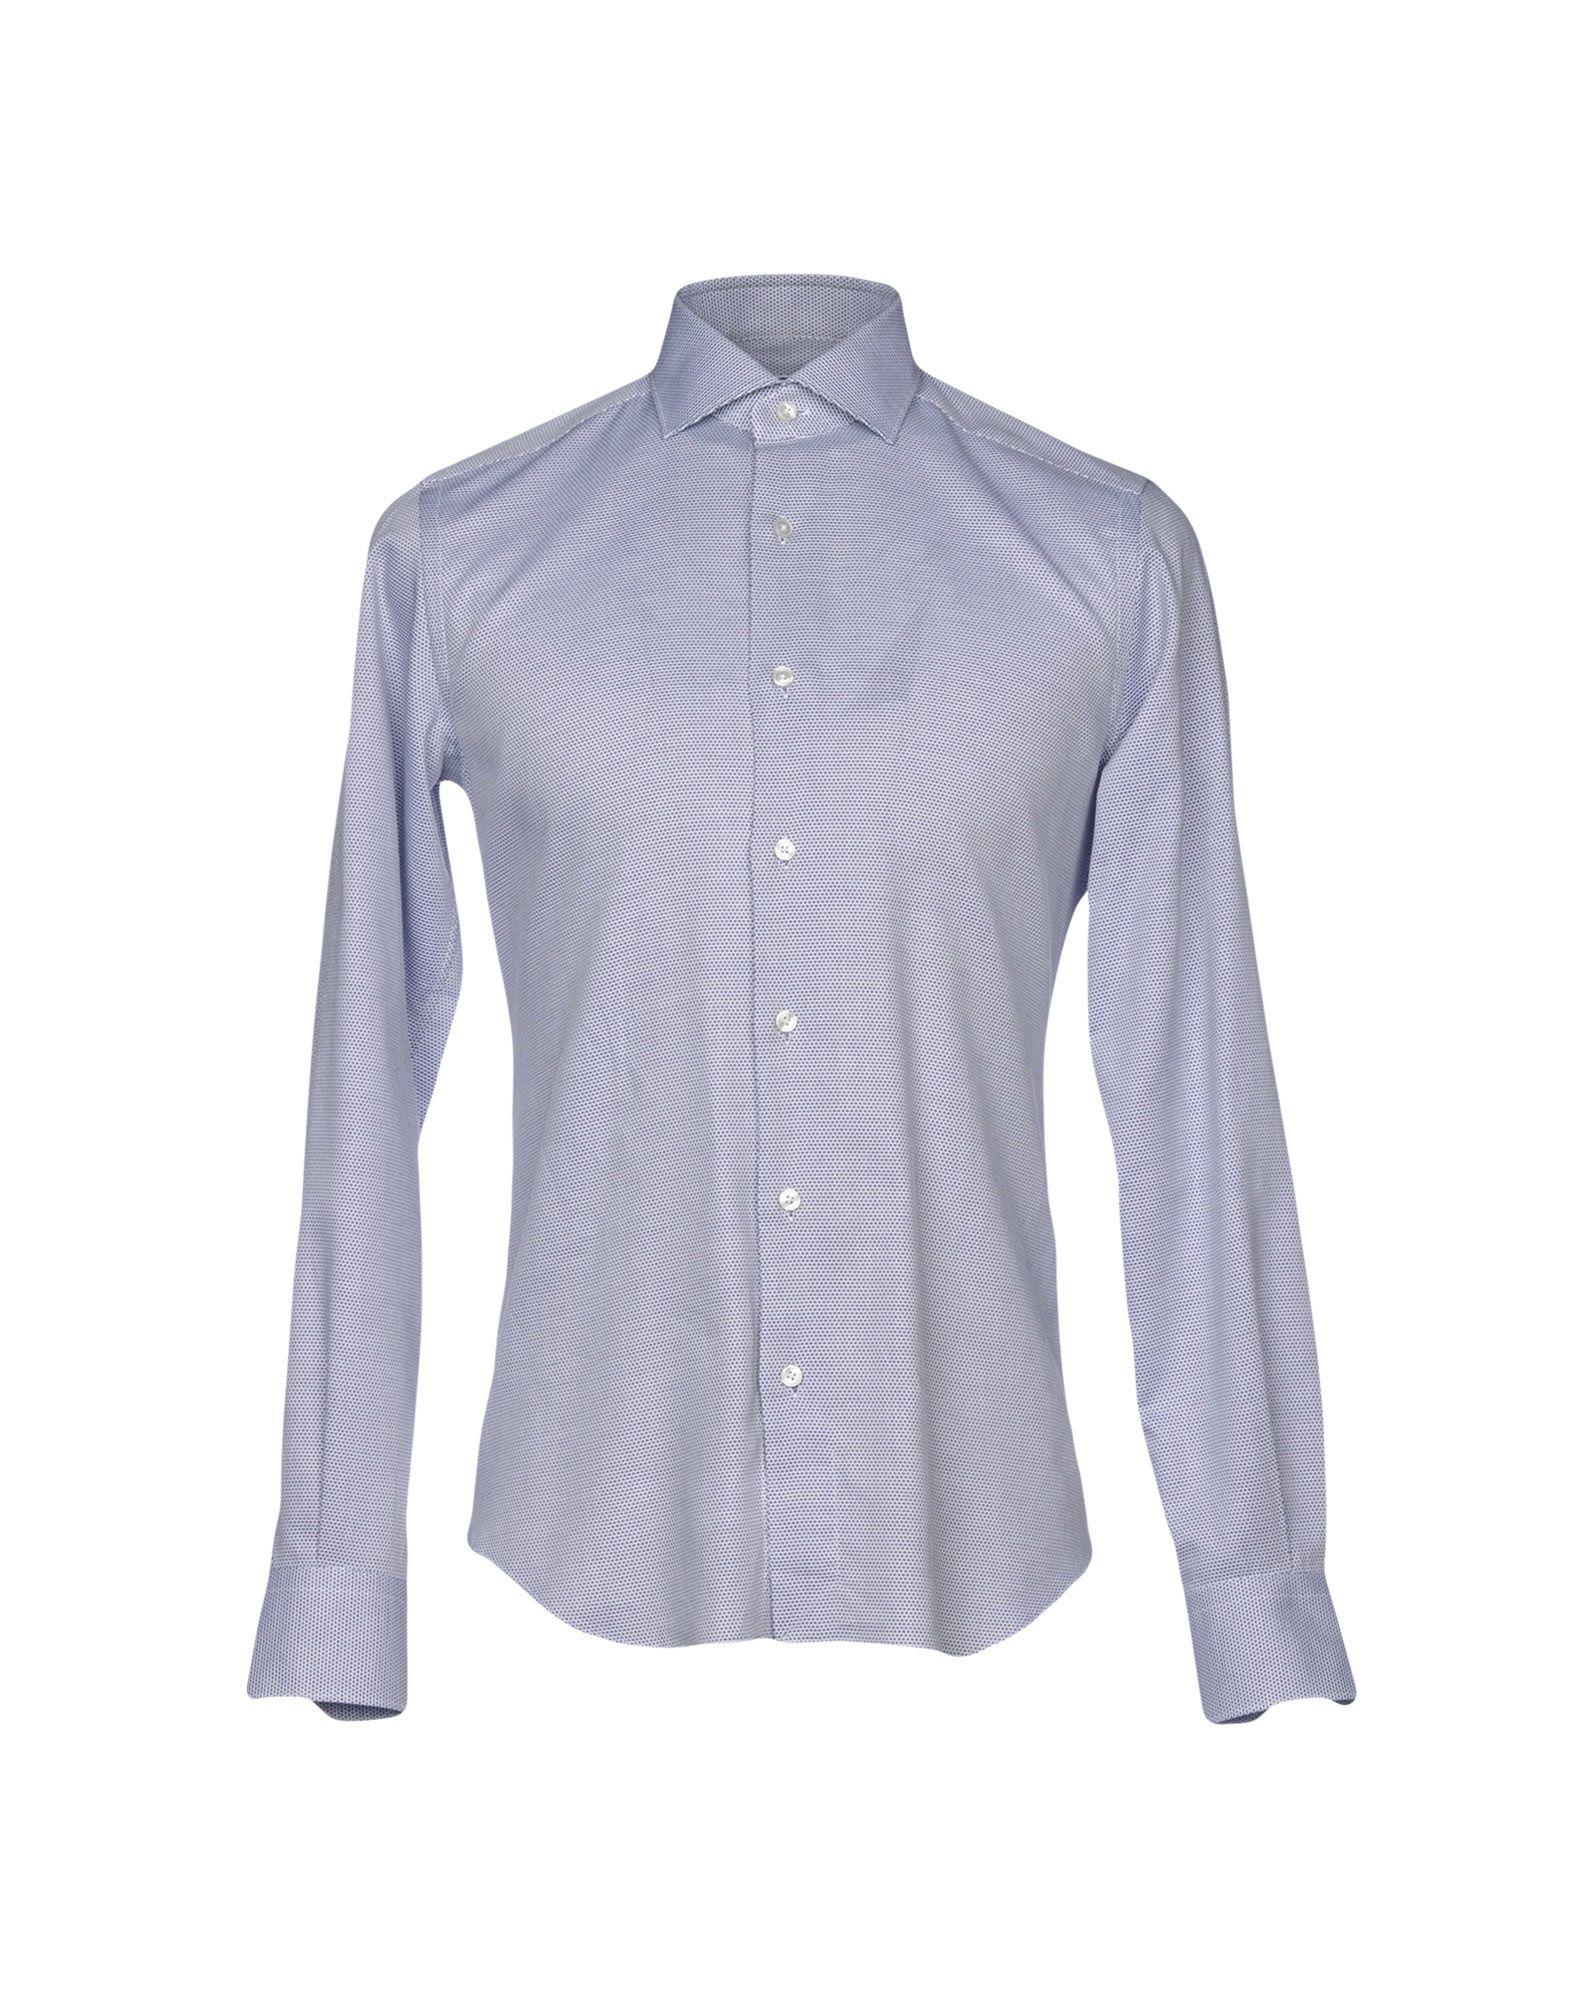 《送料無料》XACUS メンズ シャツ ダークブルー 38 コットン 100%